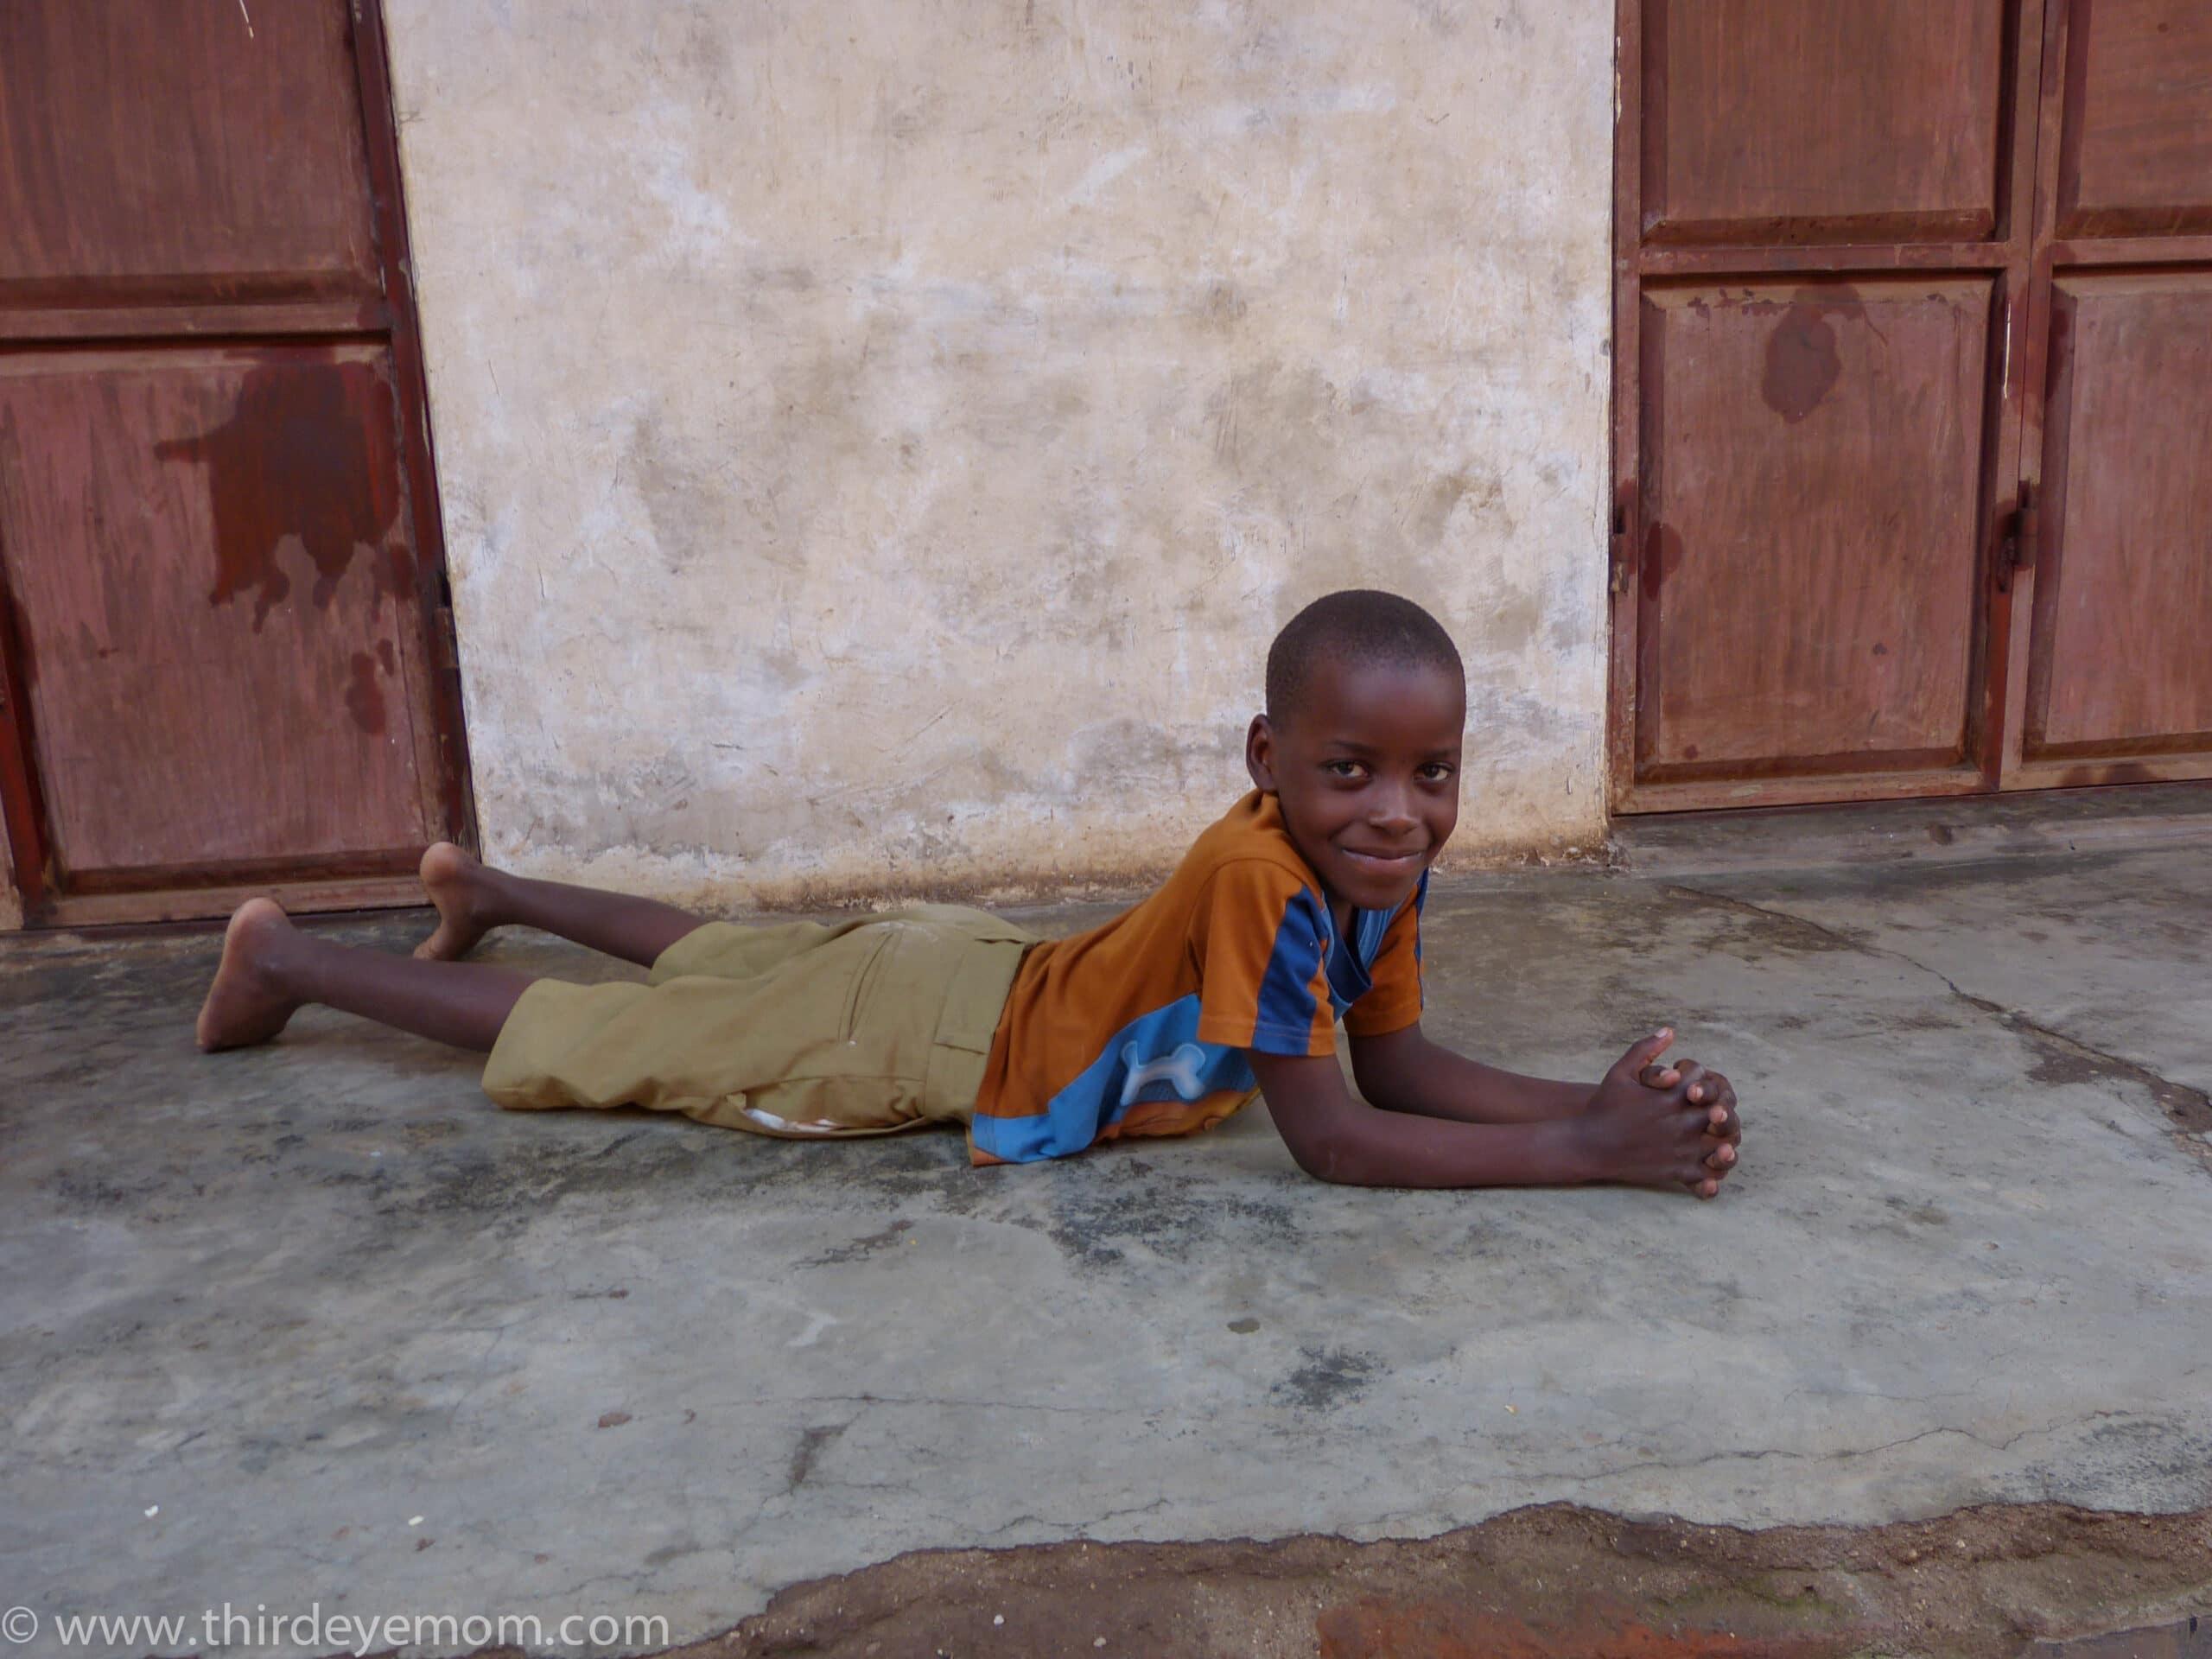 SOCIAL GOOD: Finding Joy at the Kilimanjaro Orphanage Centre